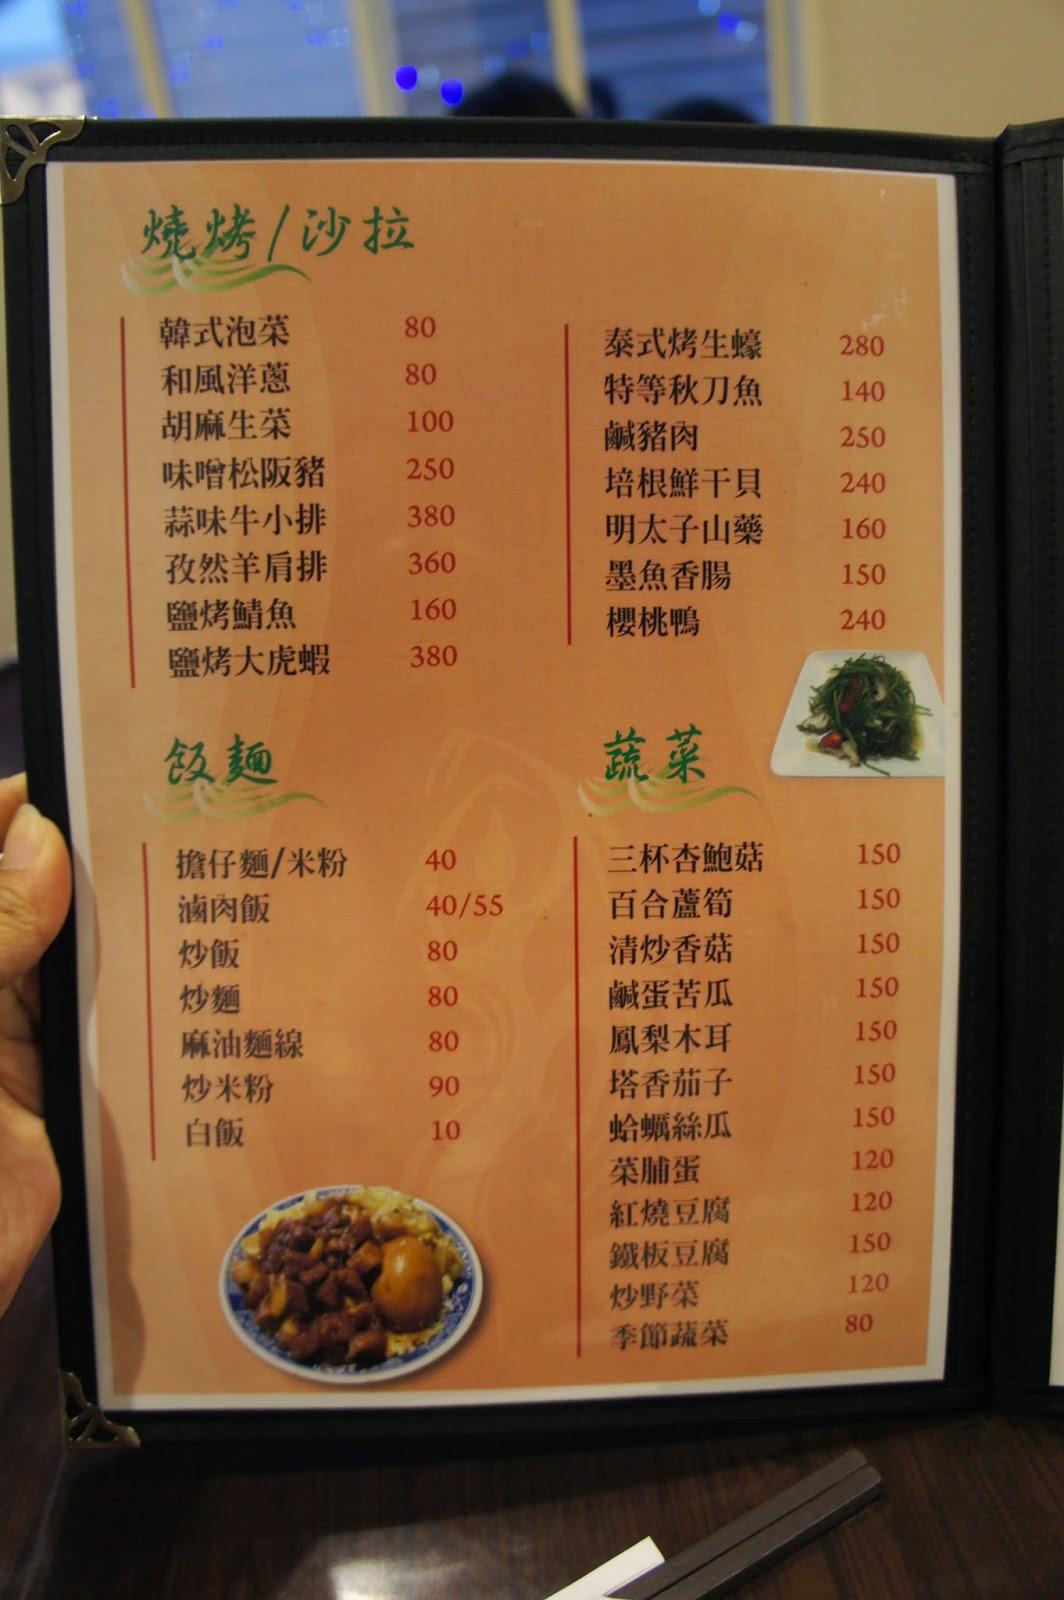 Nikkey的瘋狂世界: 〈淡水竹圍〉好菜園臺灣料理